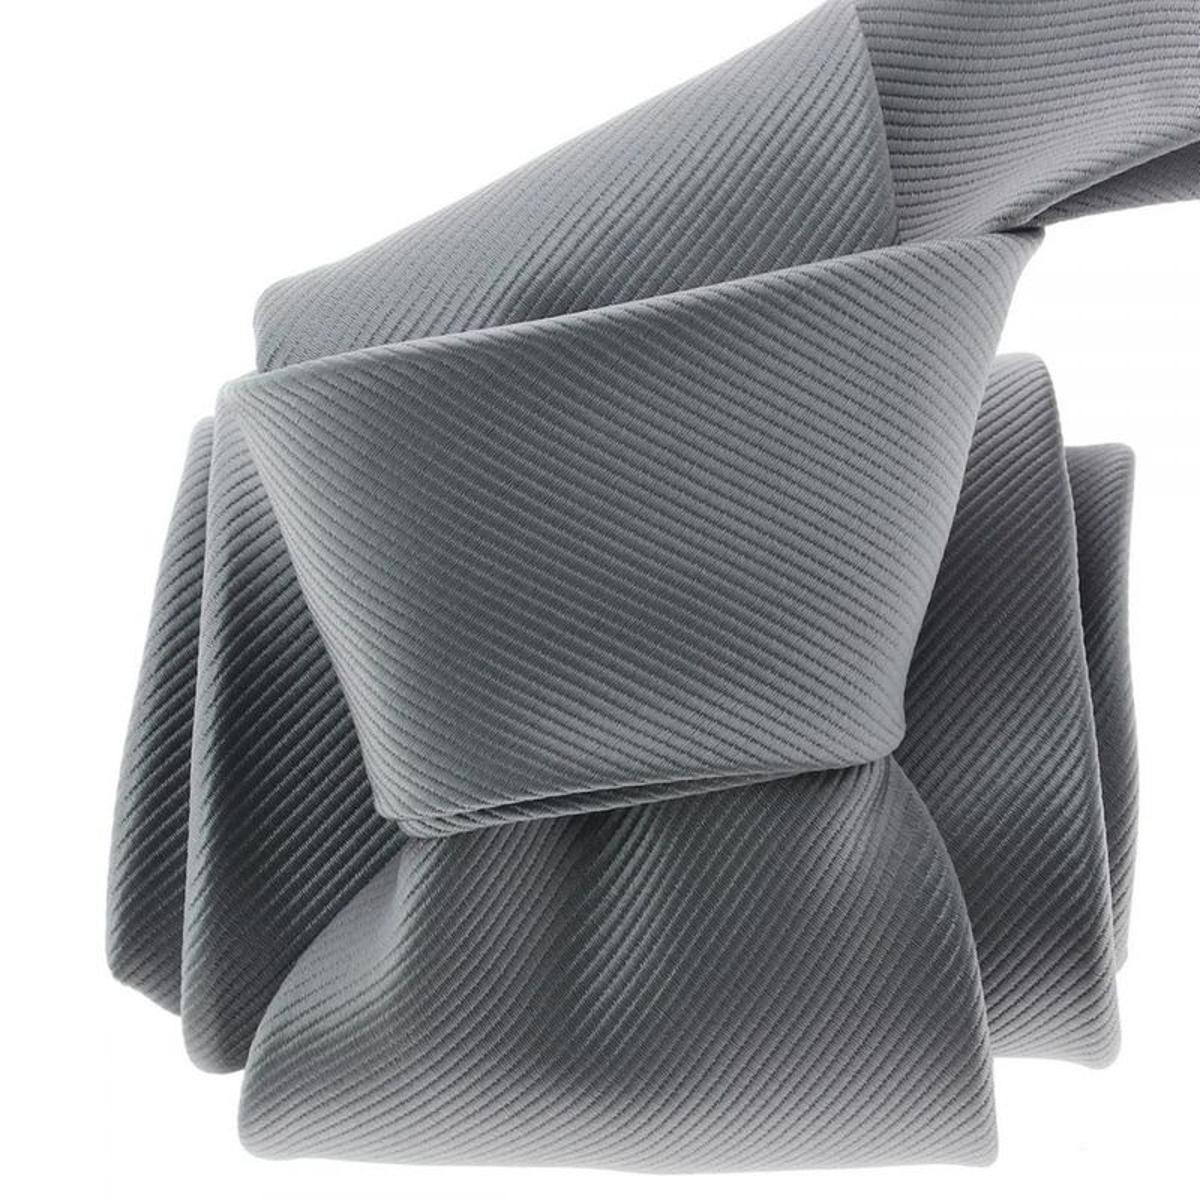 Cravate  monochrome